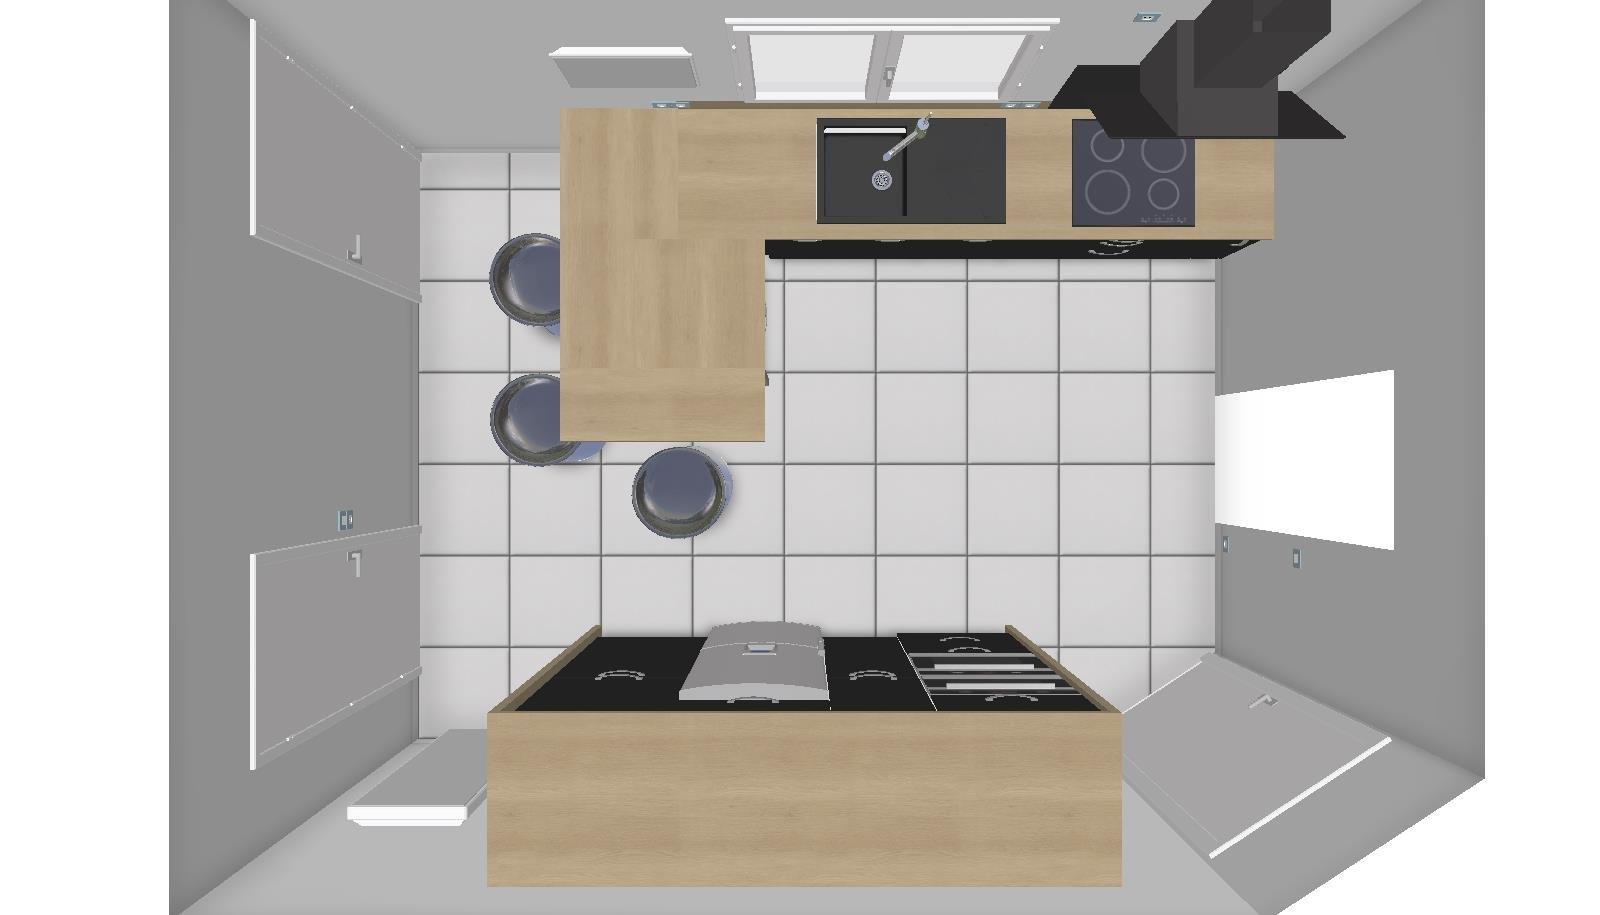 cuisine vue 6 - colonnes 4.